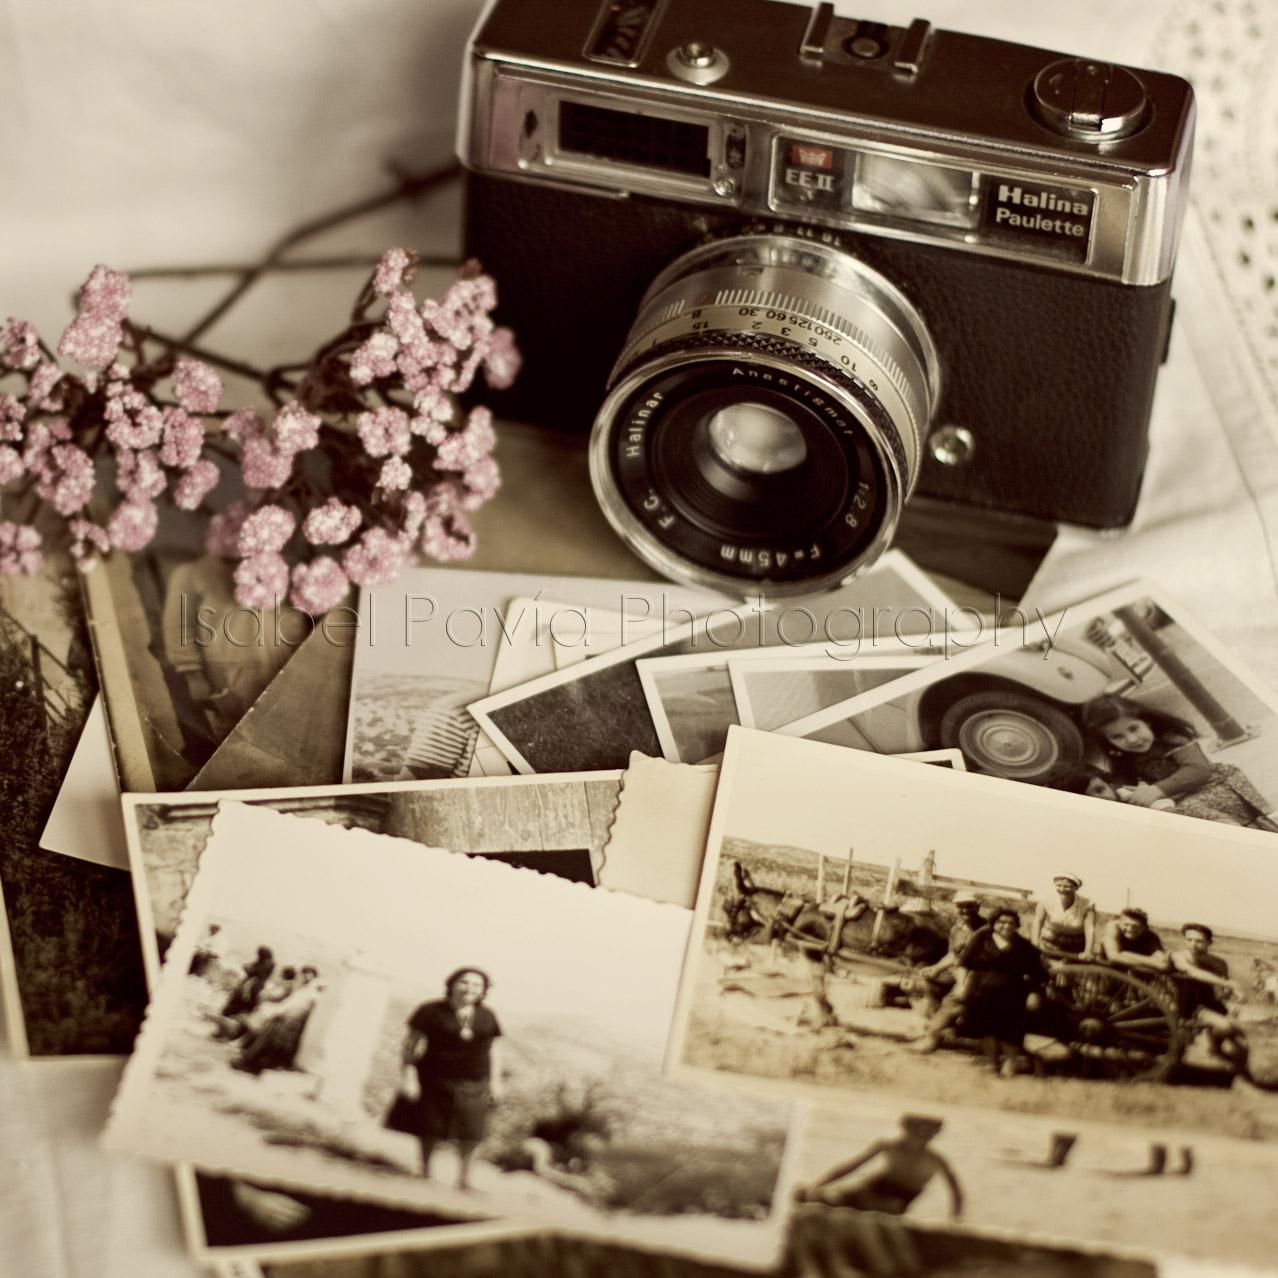 fotos de fotografia: